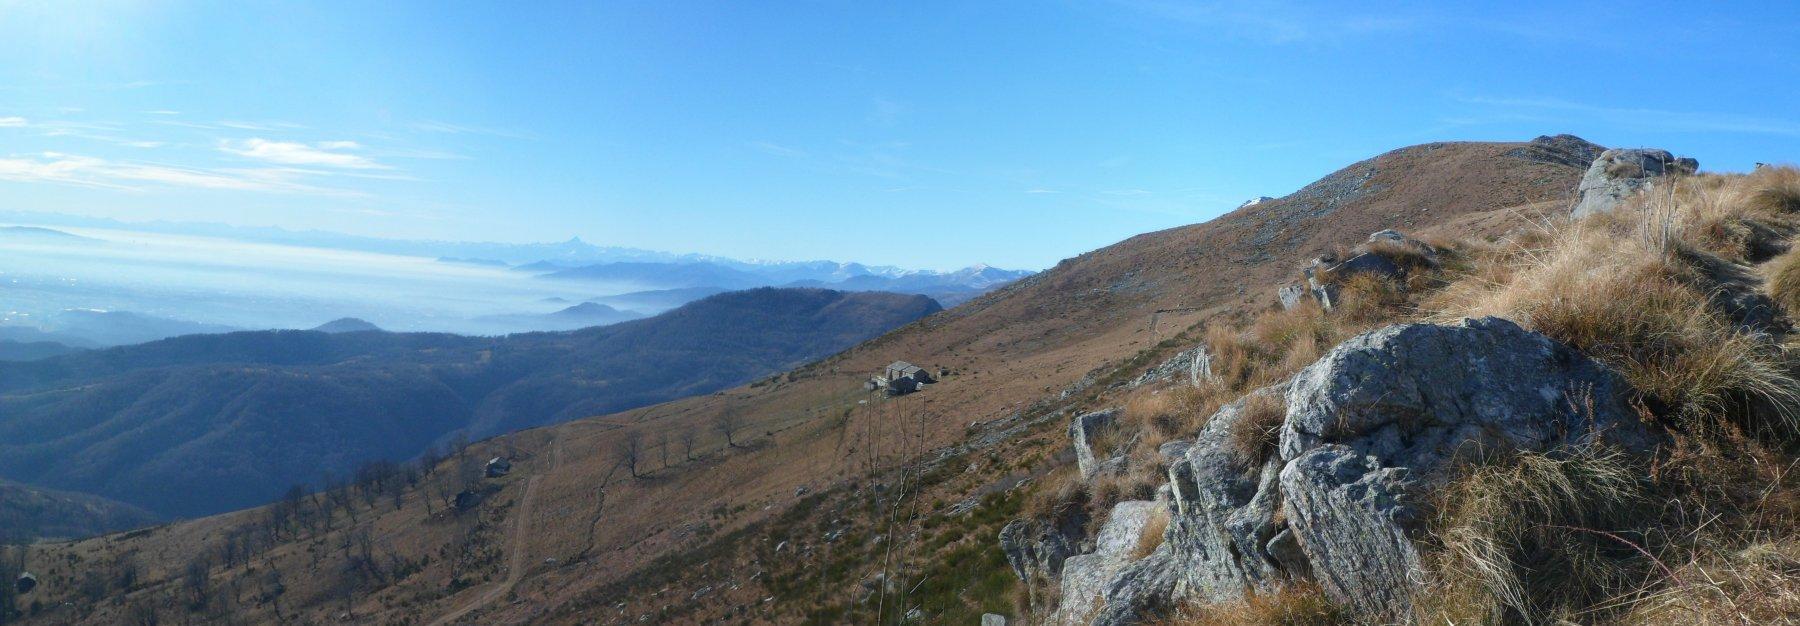 Uno sguardo al versante di salita a Cima Bossola, scendendo.